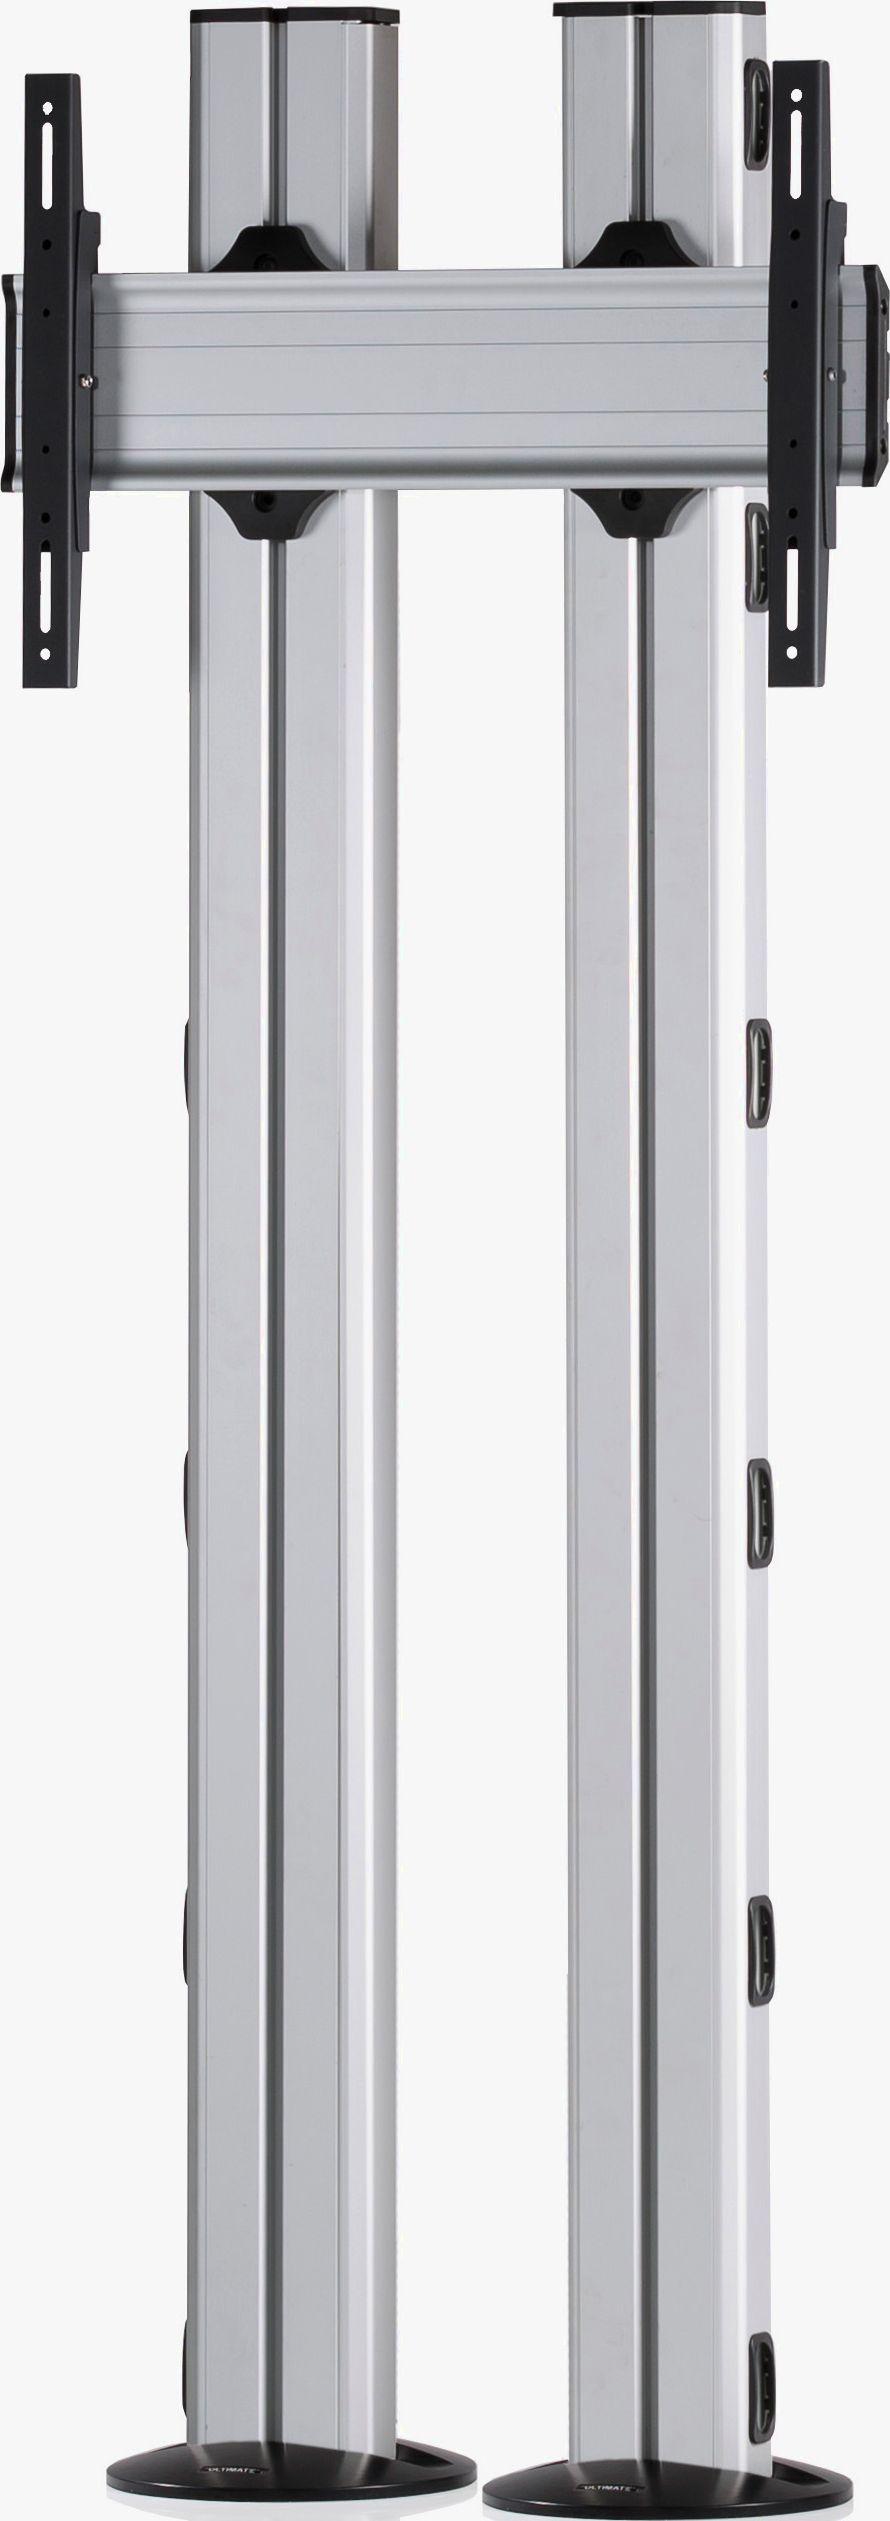 1 Display 1×1, für große Bildschirme, Höhe 180 cm, Standard-VESA, zur Bodenbefestigung